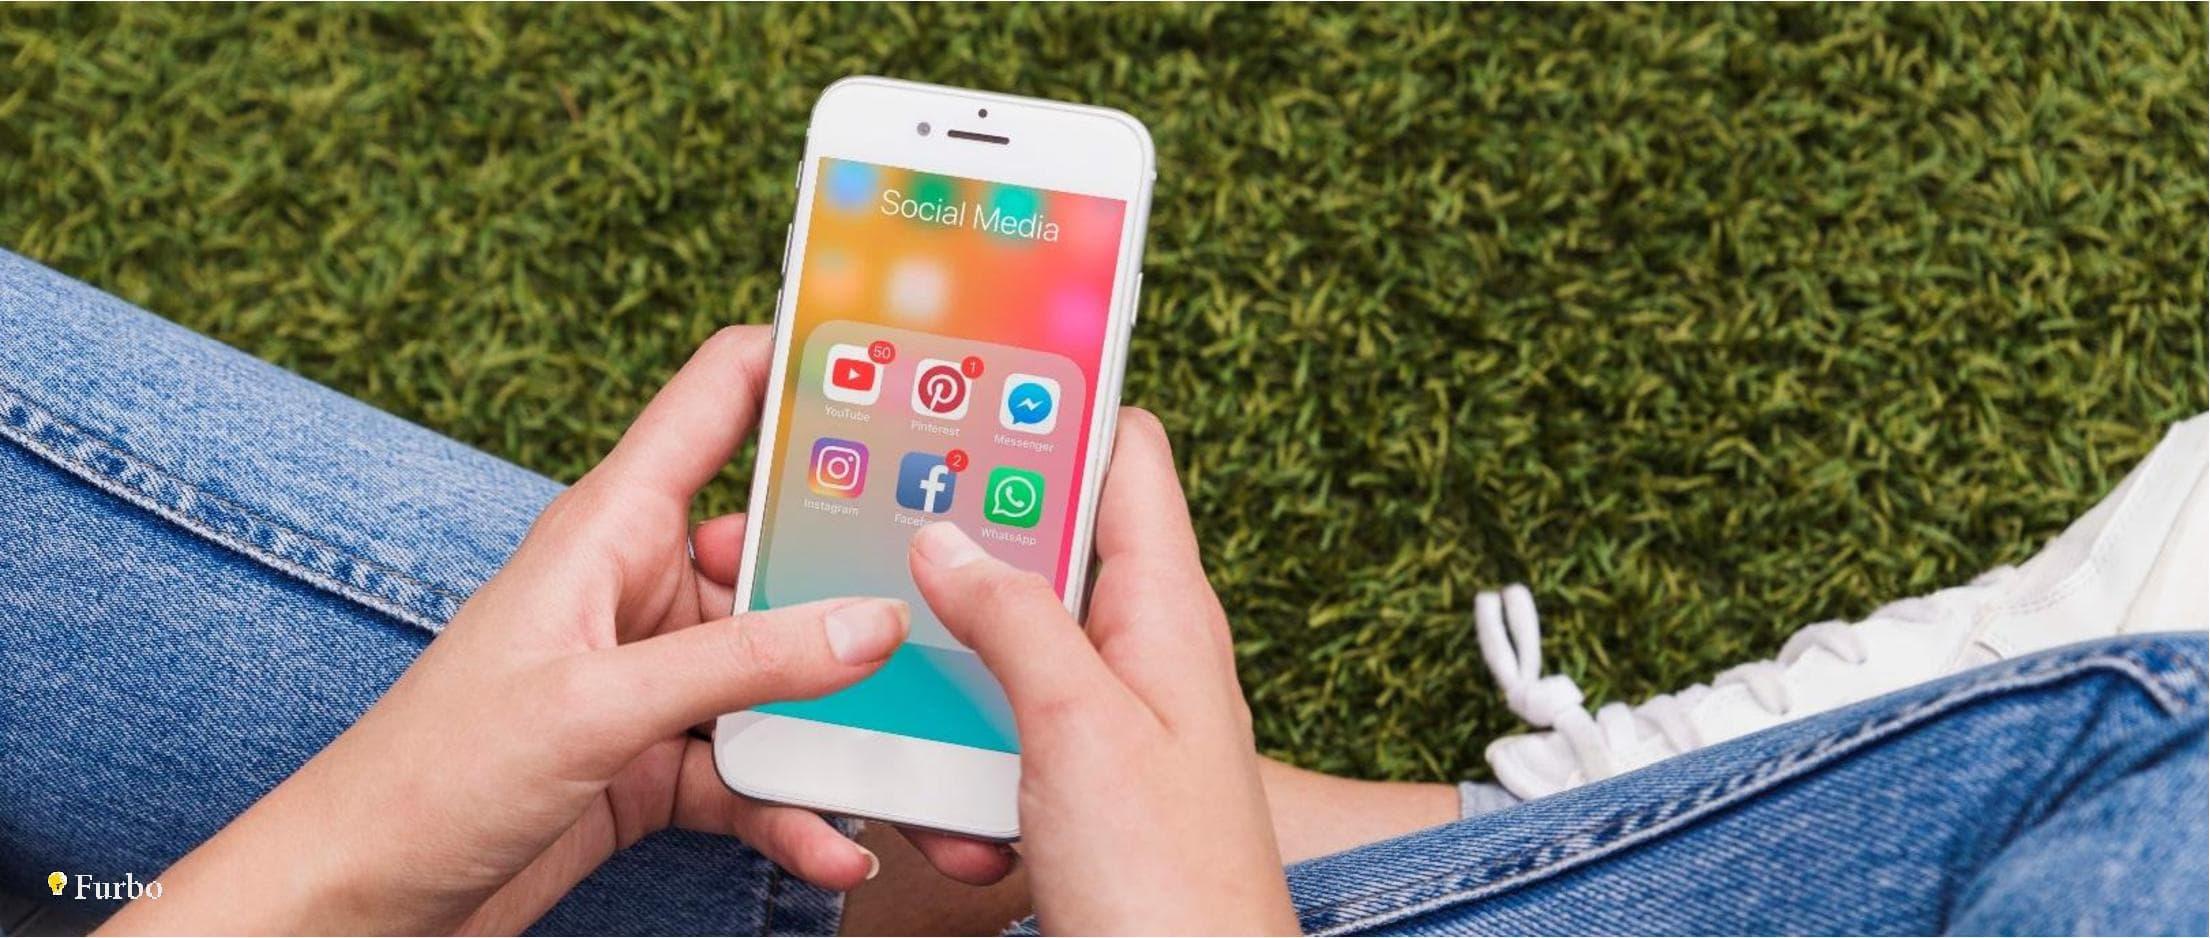 رسانههای اجتماعی / شبکههای اجتماعی و سئو و بهنیه سازی